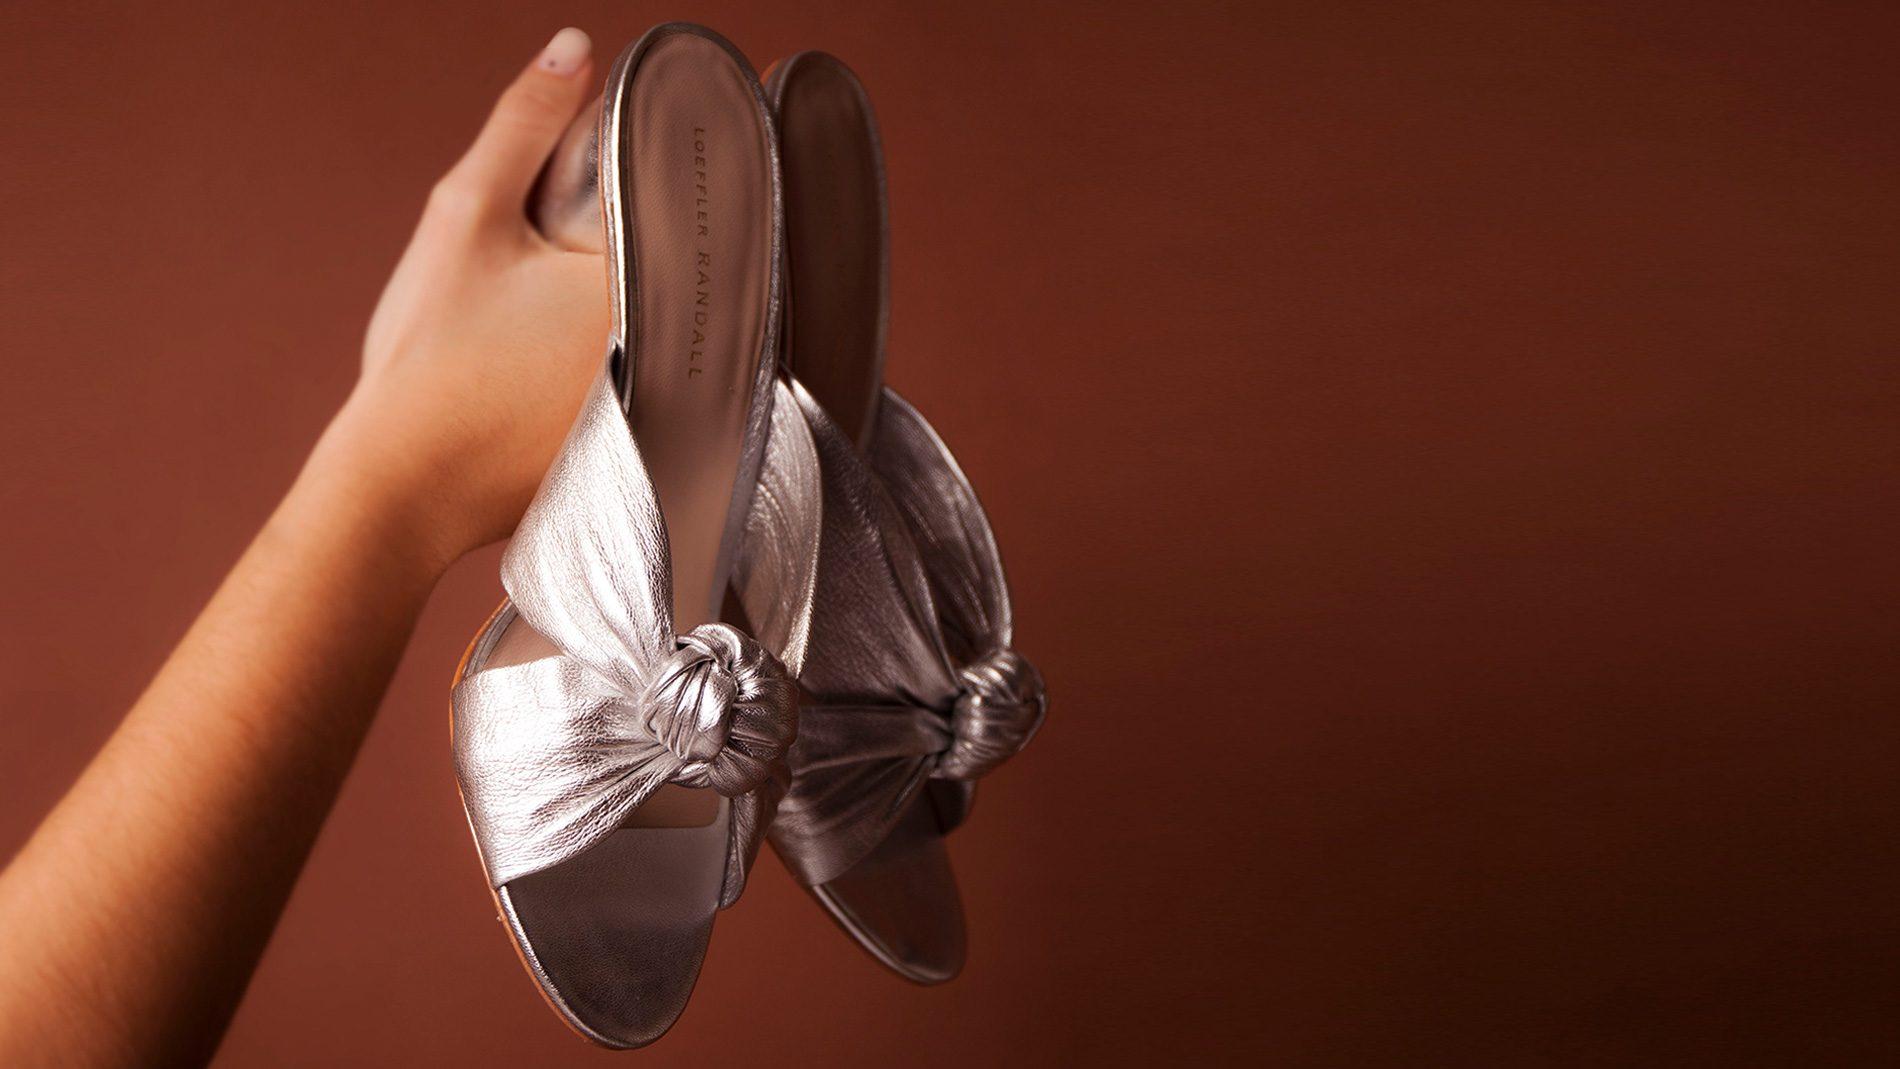 El Corte Inglés Designer Shoes Loeffler Randall Spring 2018